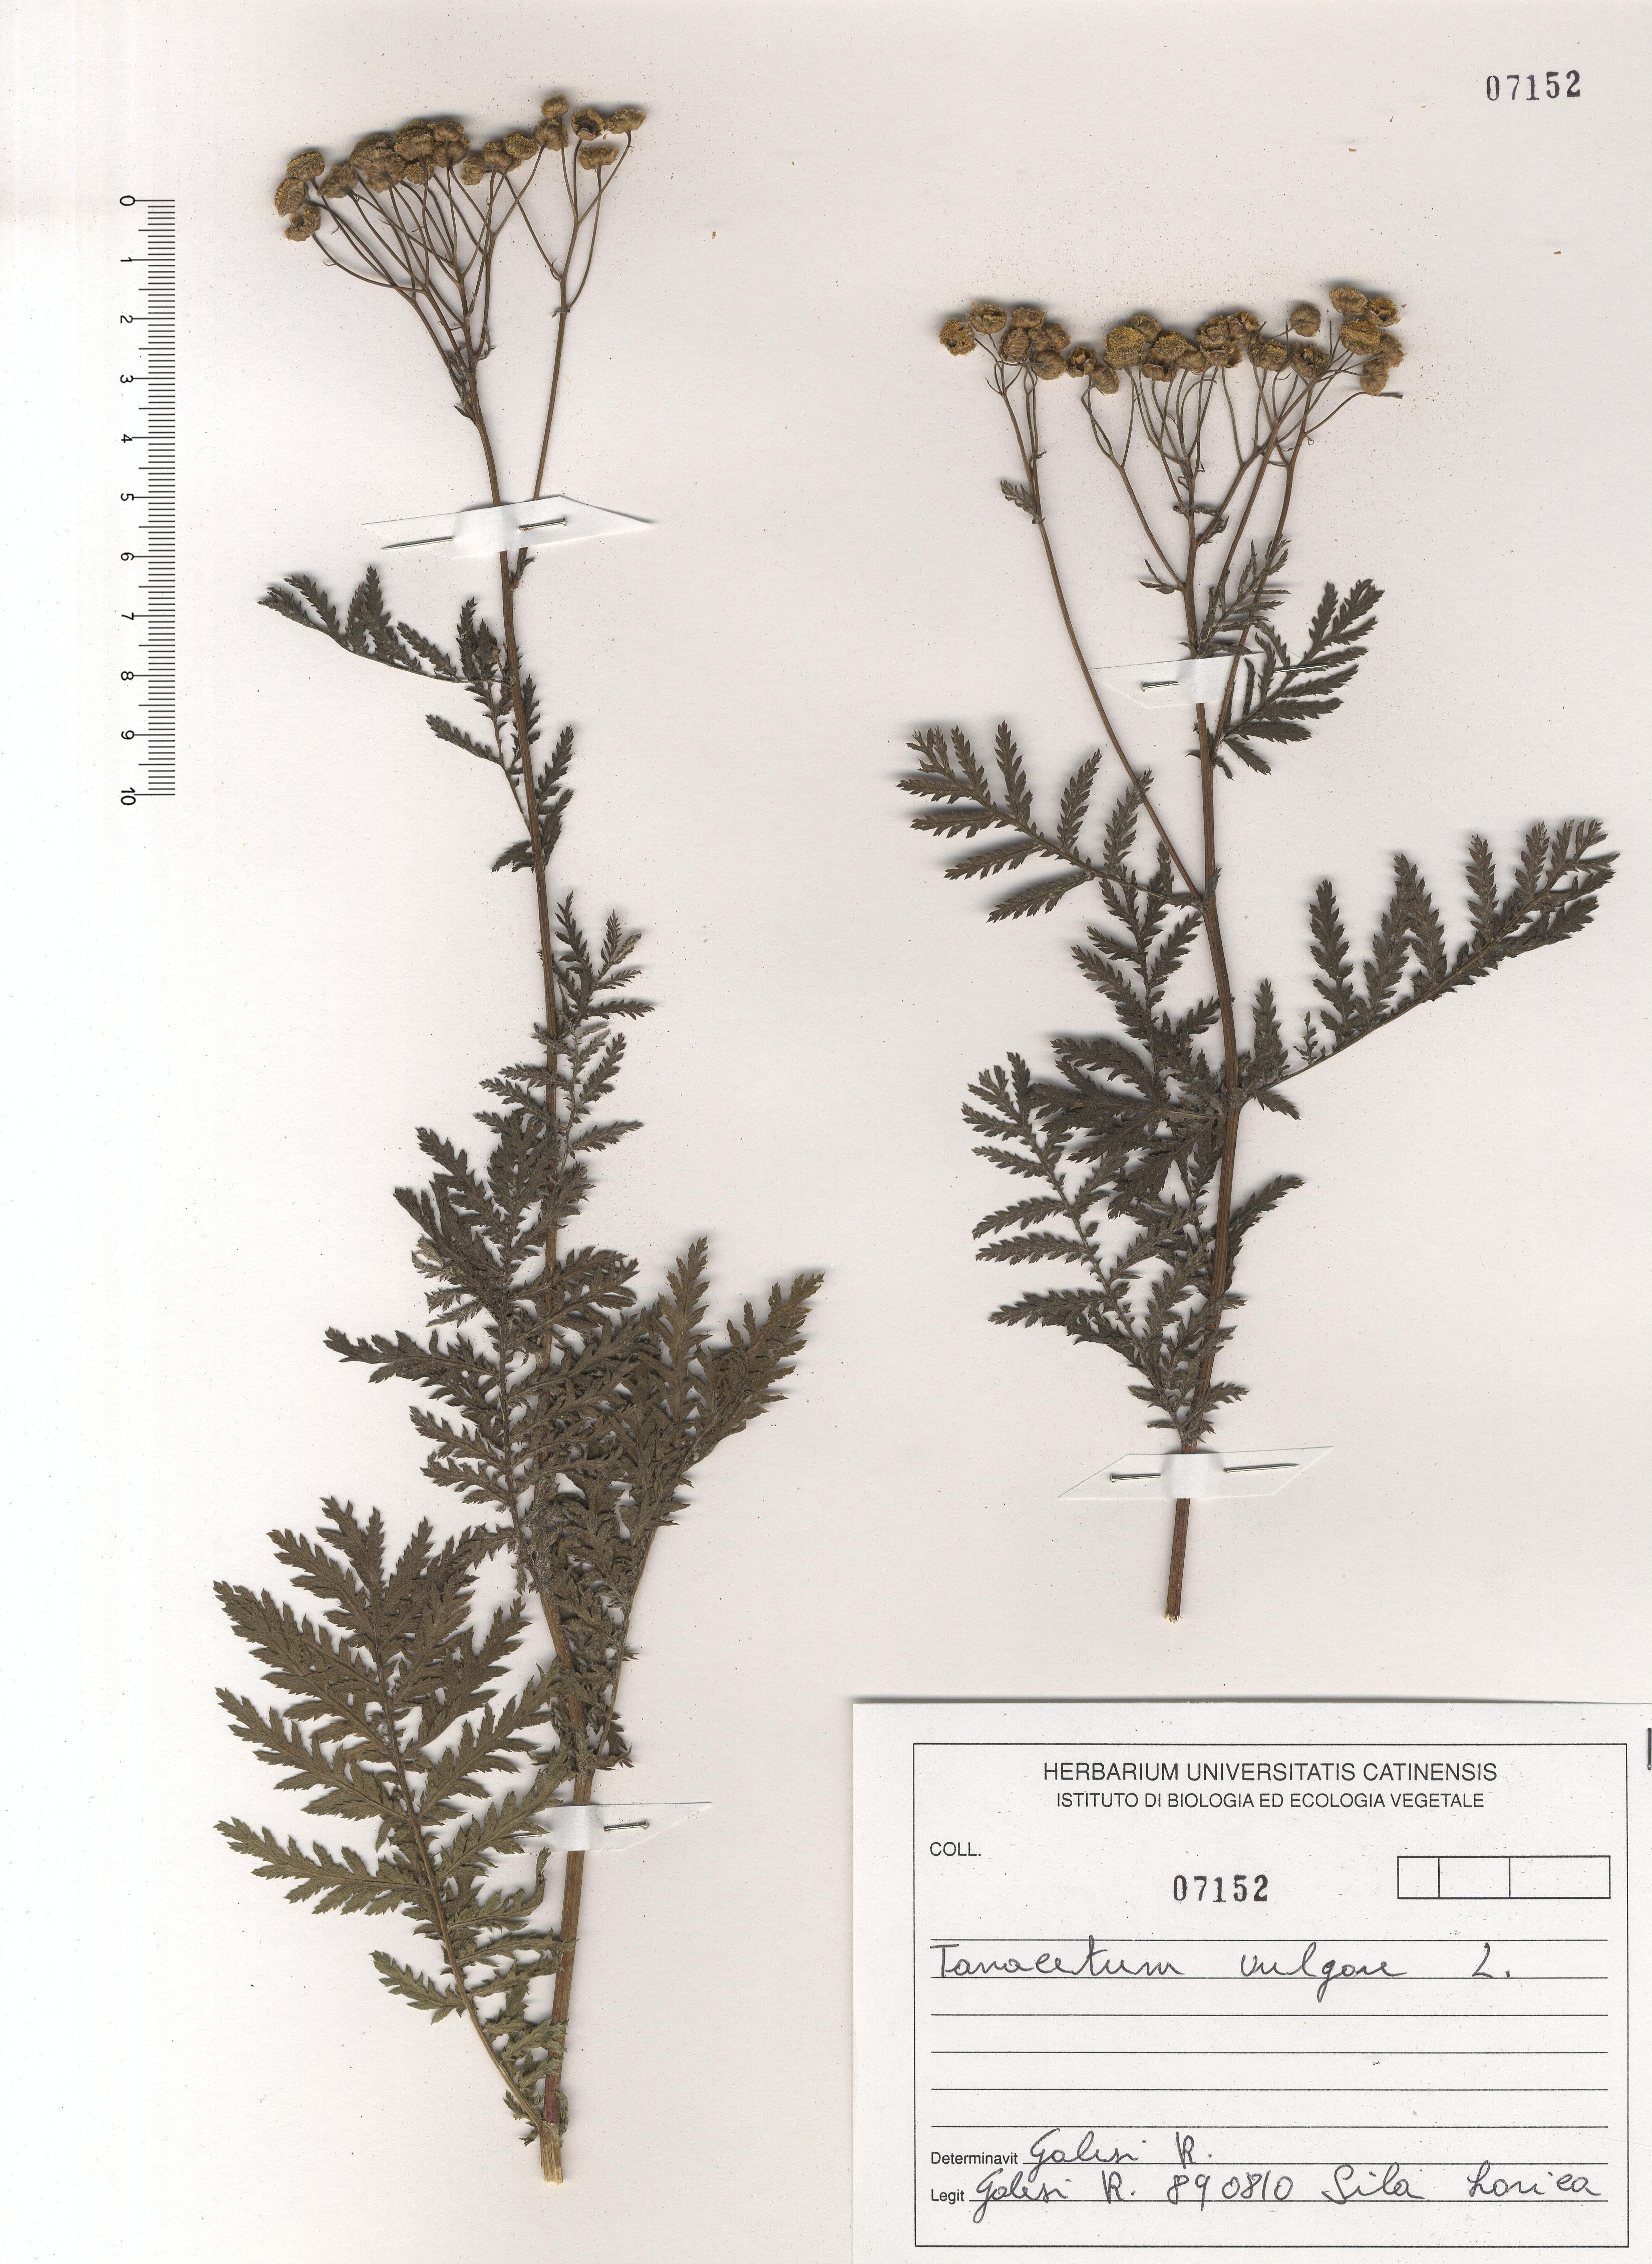 © Hortus Botanicus Catinensis - Herb. sheet 107152<br>